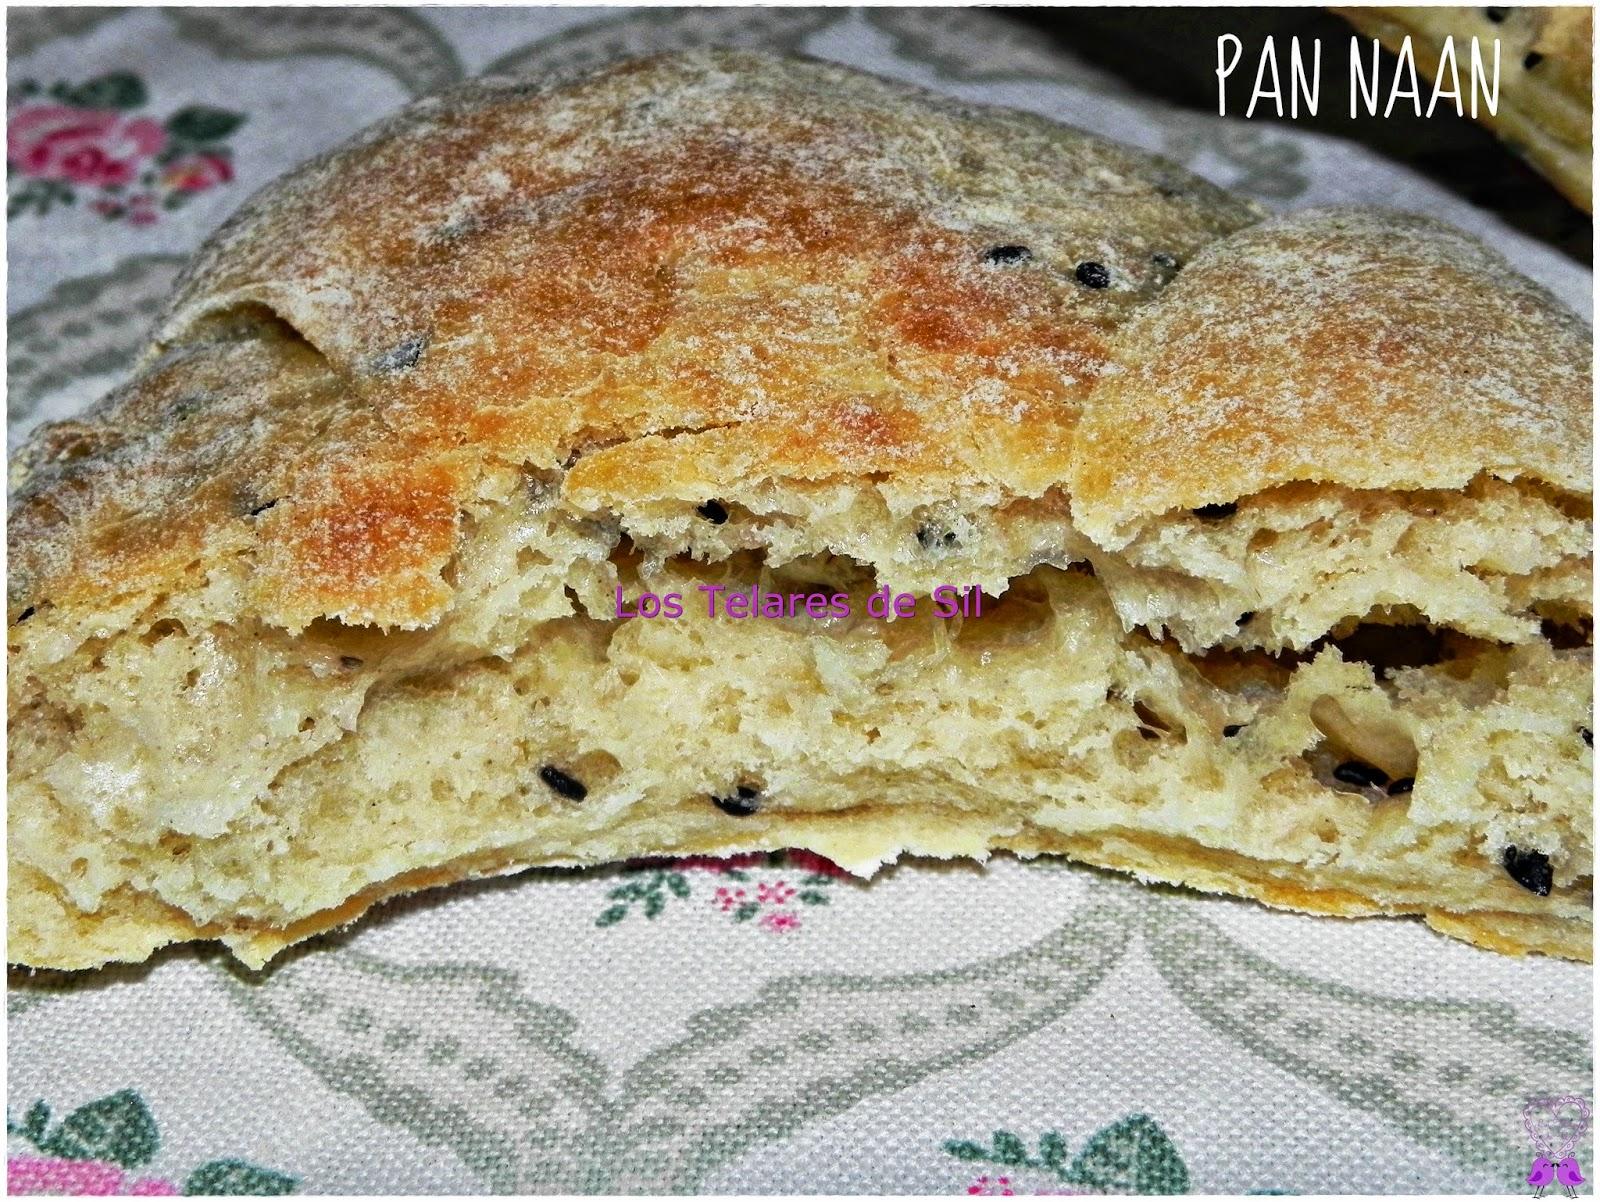 PAN NAAN